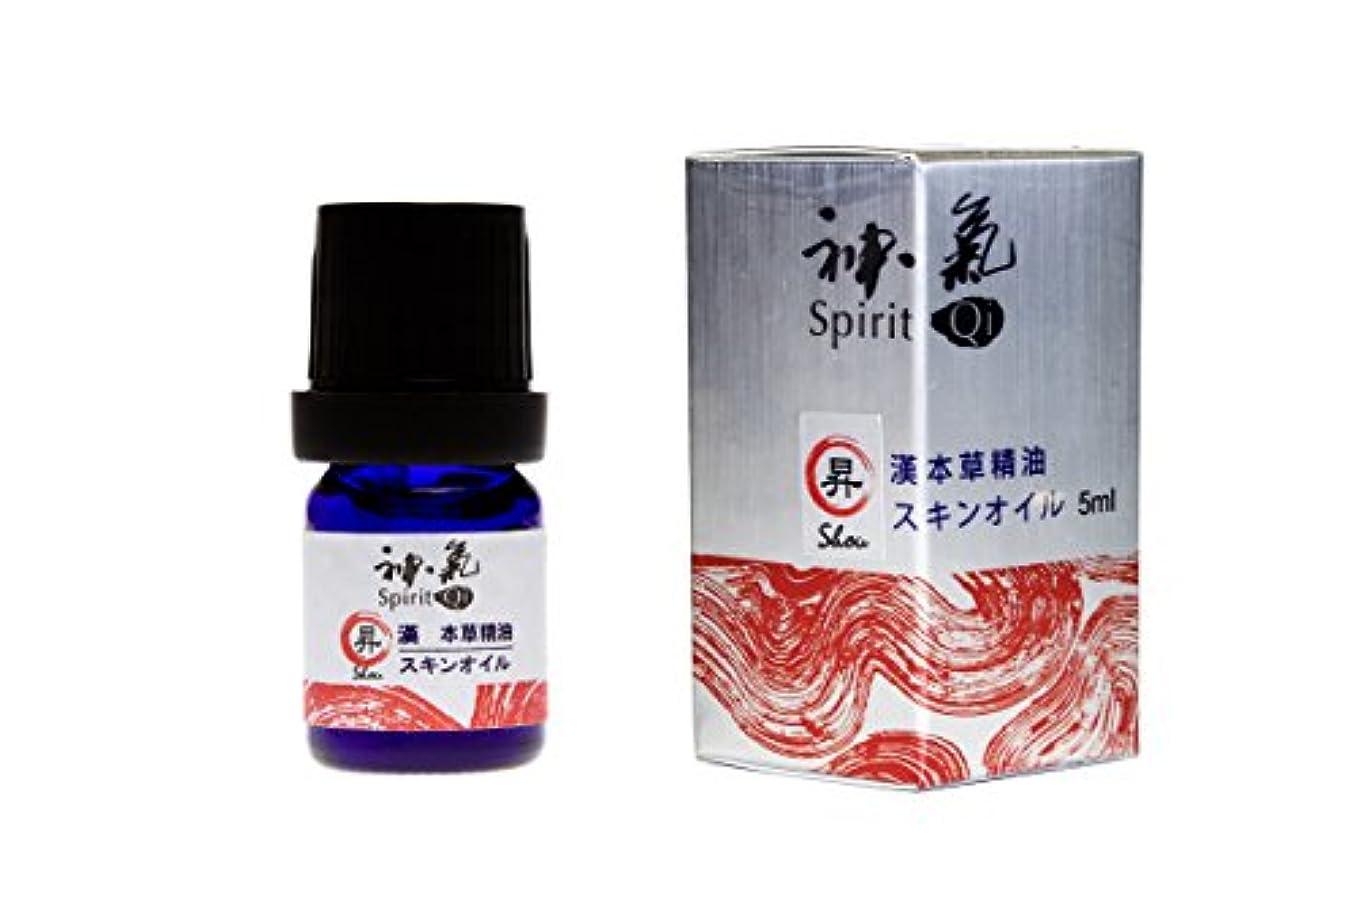 ダウン君主制大脳神気症状別シリーズ 昇(Shou) (5ml)